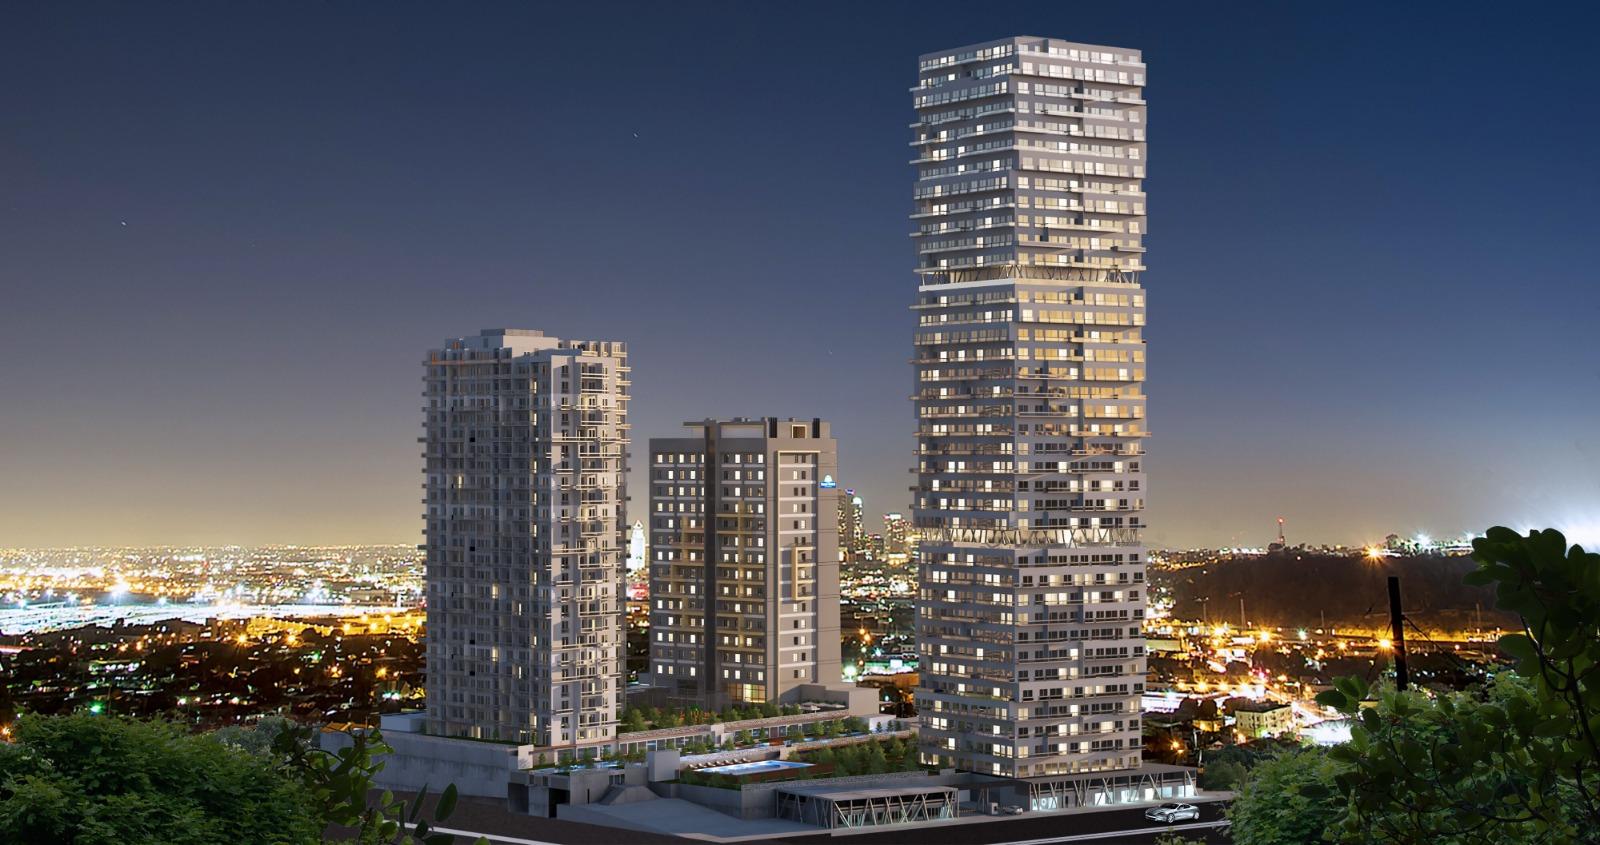 شقق للبيع  (PK-18777) مشروع استثماري غرف من 1+1 إلى 2+1 في إسنيورت